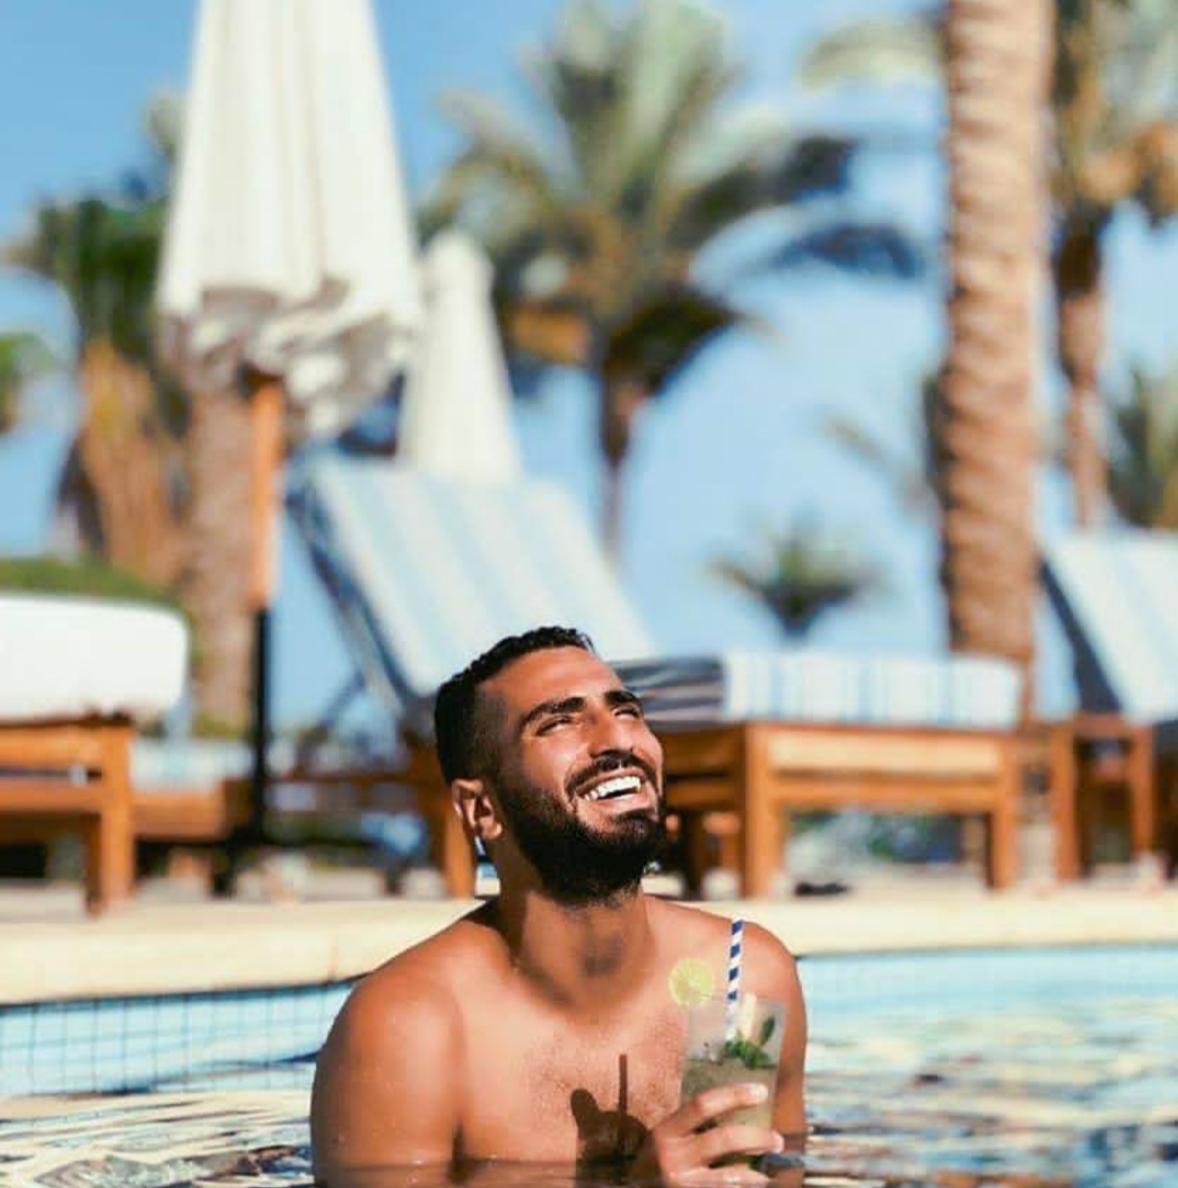 شاهد محمد الشرنوبي يستمتع بشهر العسل في حمام السباحة